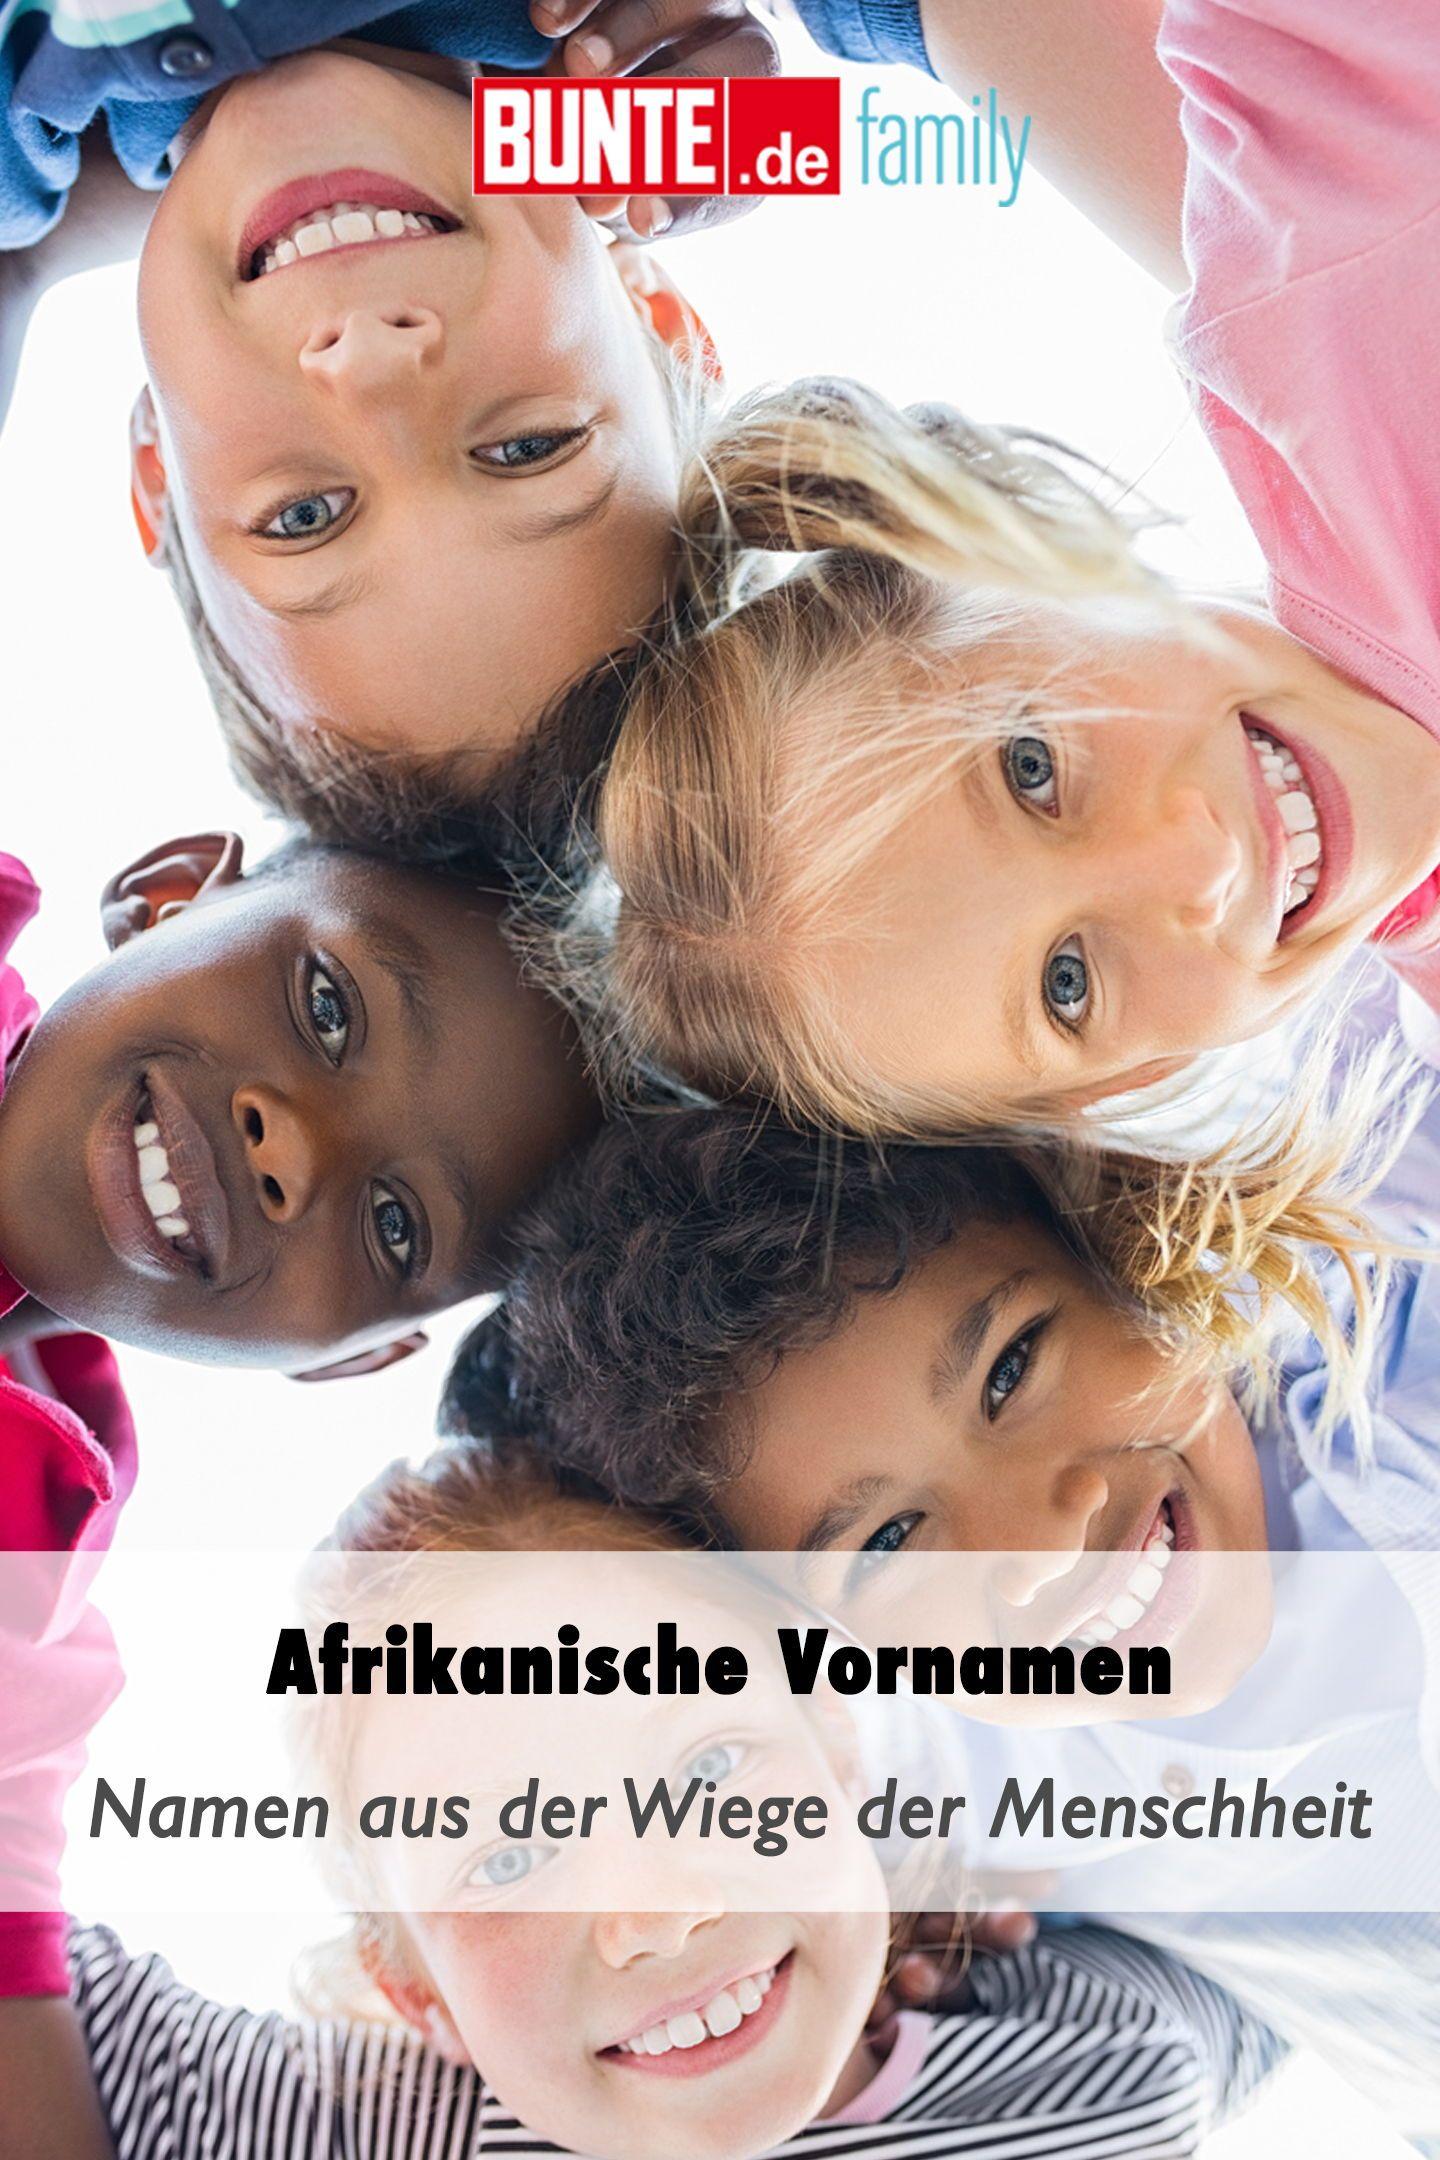 Afrikanische Vornamen Namen Aus Der Wiege Der Menschheit Vornamen Vornamen Jungen Namen